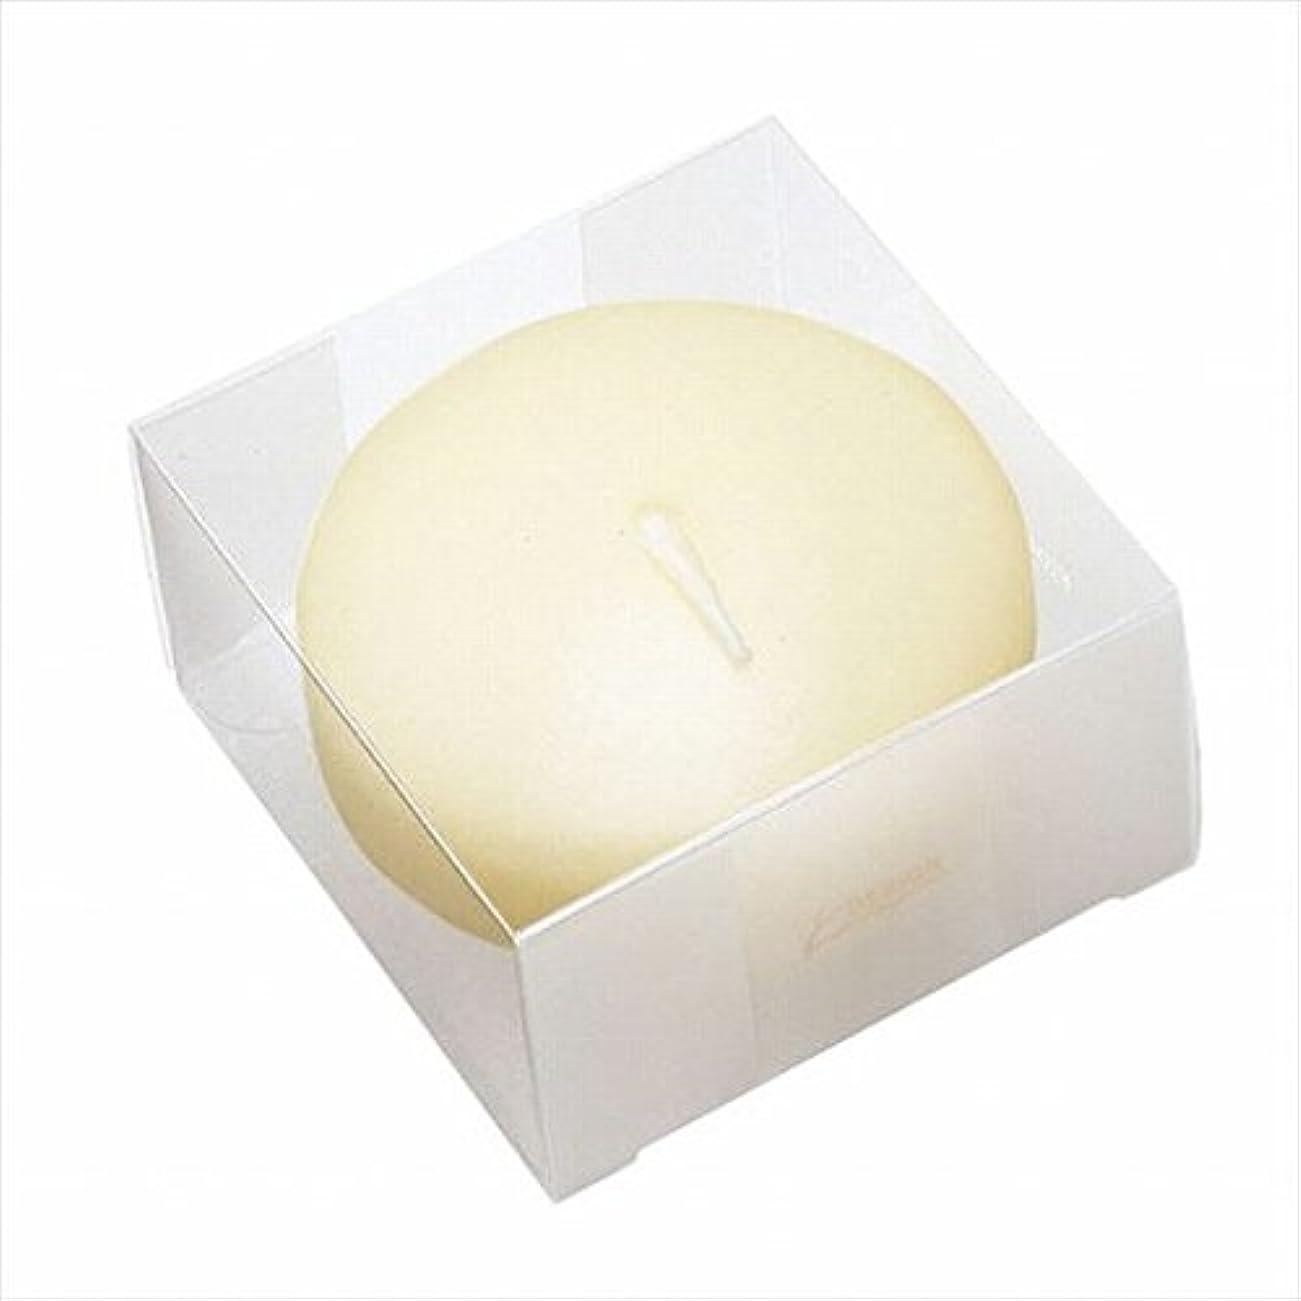 泥だらけ法王聖なるカメヤマキャンドル(kameyama candle) プール80(箱入り) 「 アイボリー 」